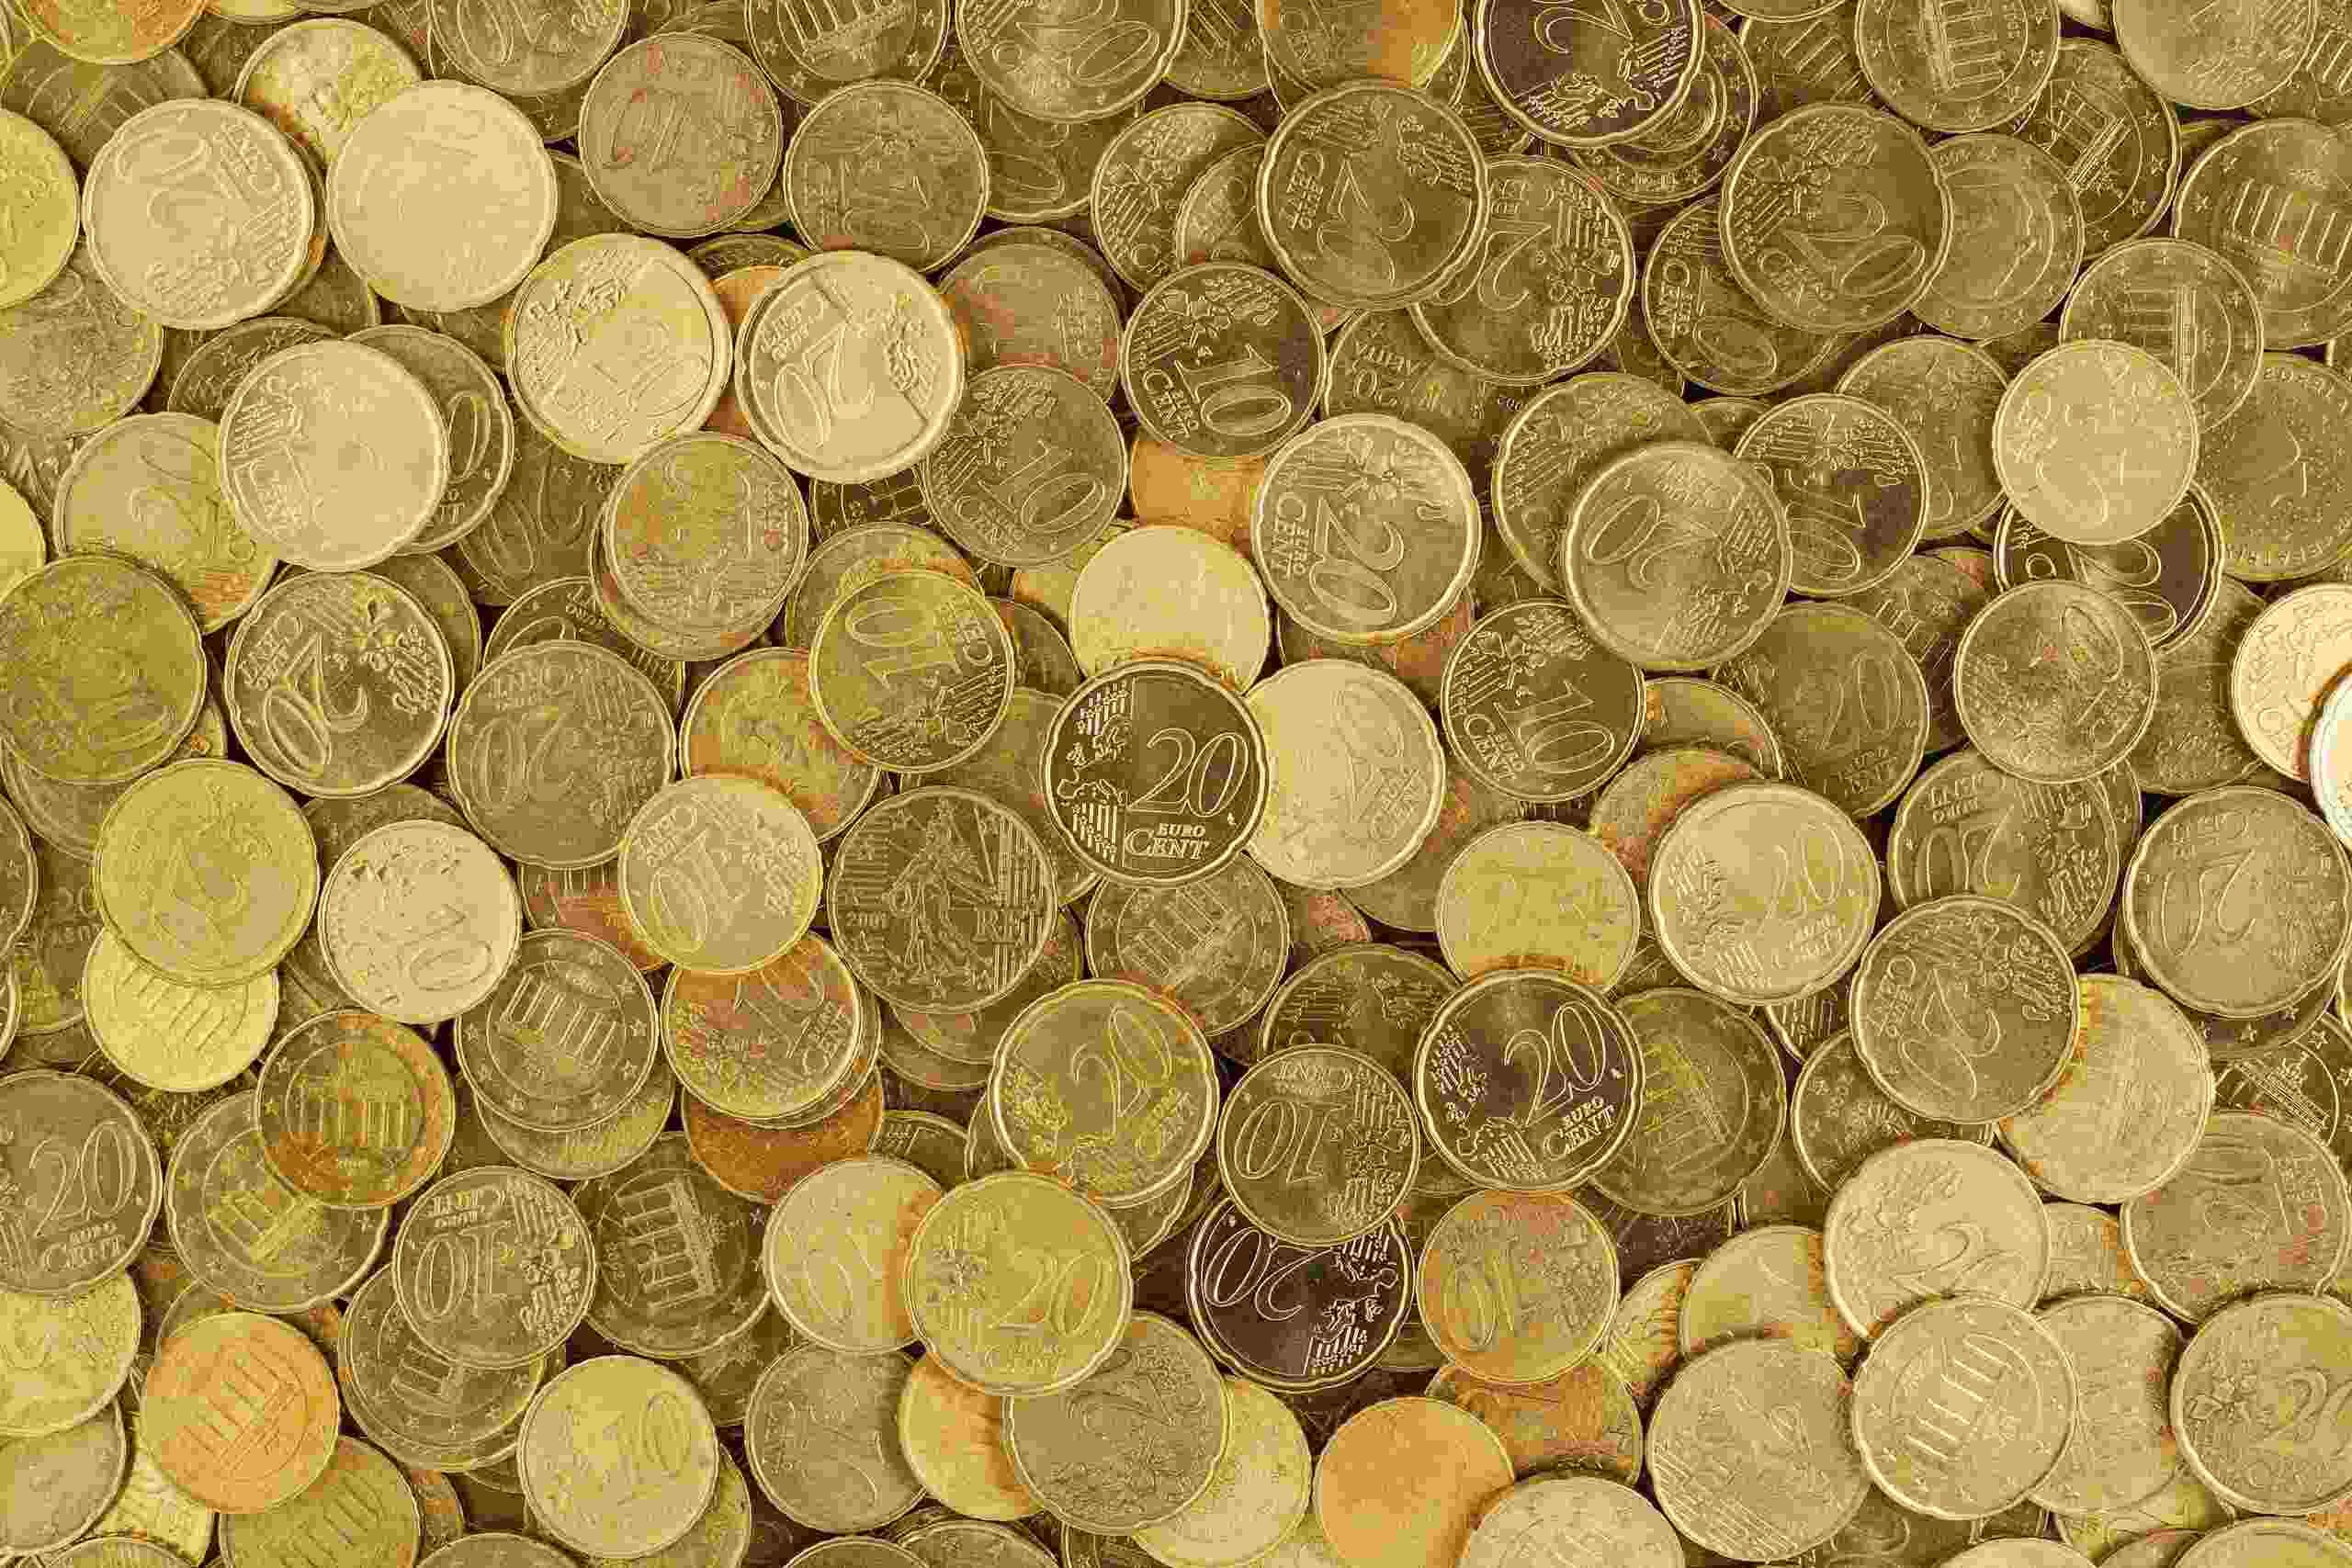 Mega da Virada - a Imagem mostra diversas moedas douradas espalhadas